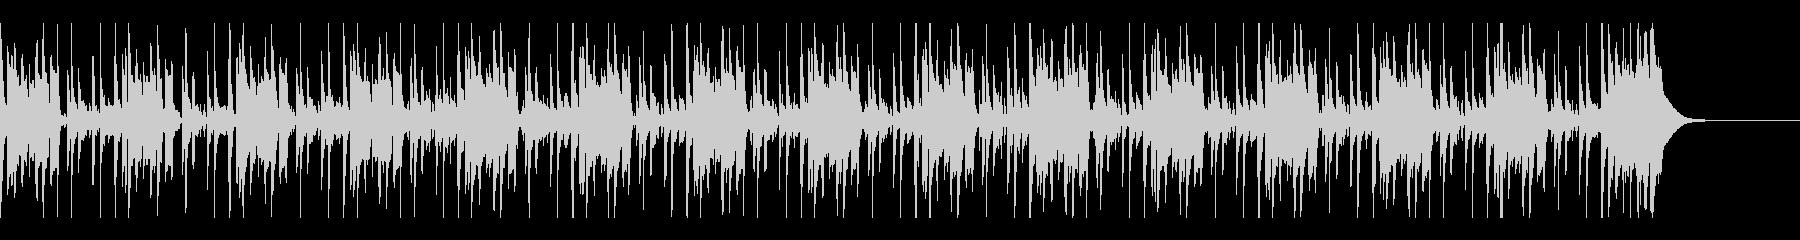 ベース主体の怪しげなコメディ風BGMの未再生の波形